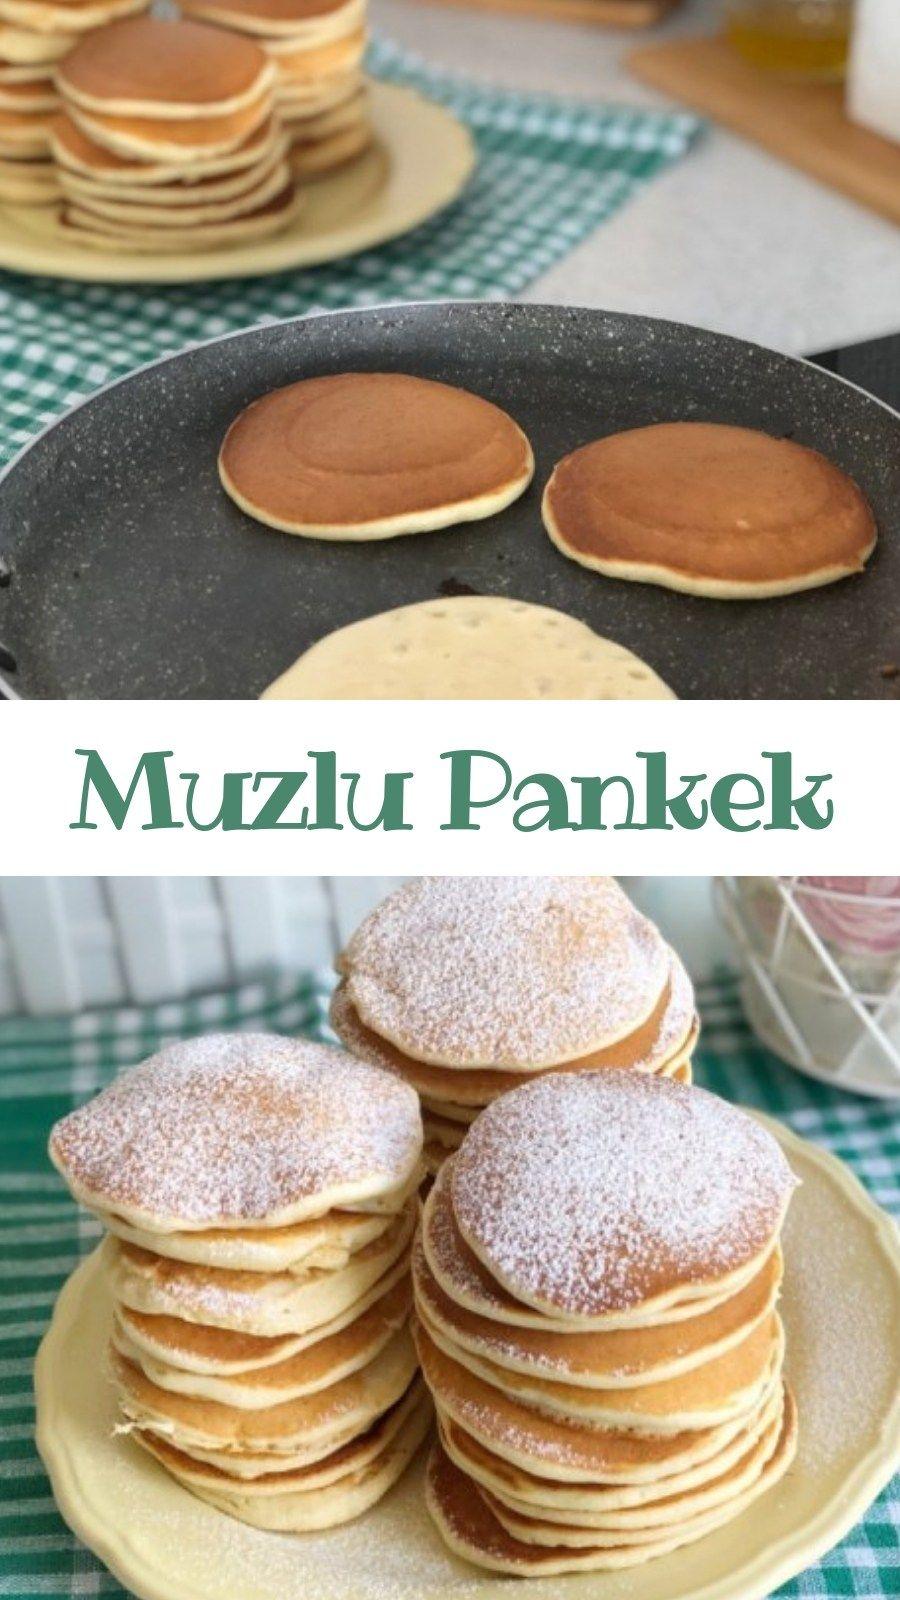 Muzlu Pankek   Nefis Yemek Tarifleri     Yemek tarifleri ...